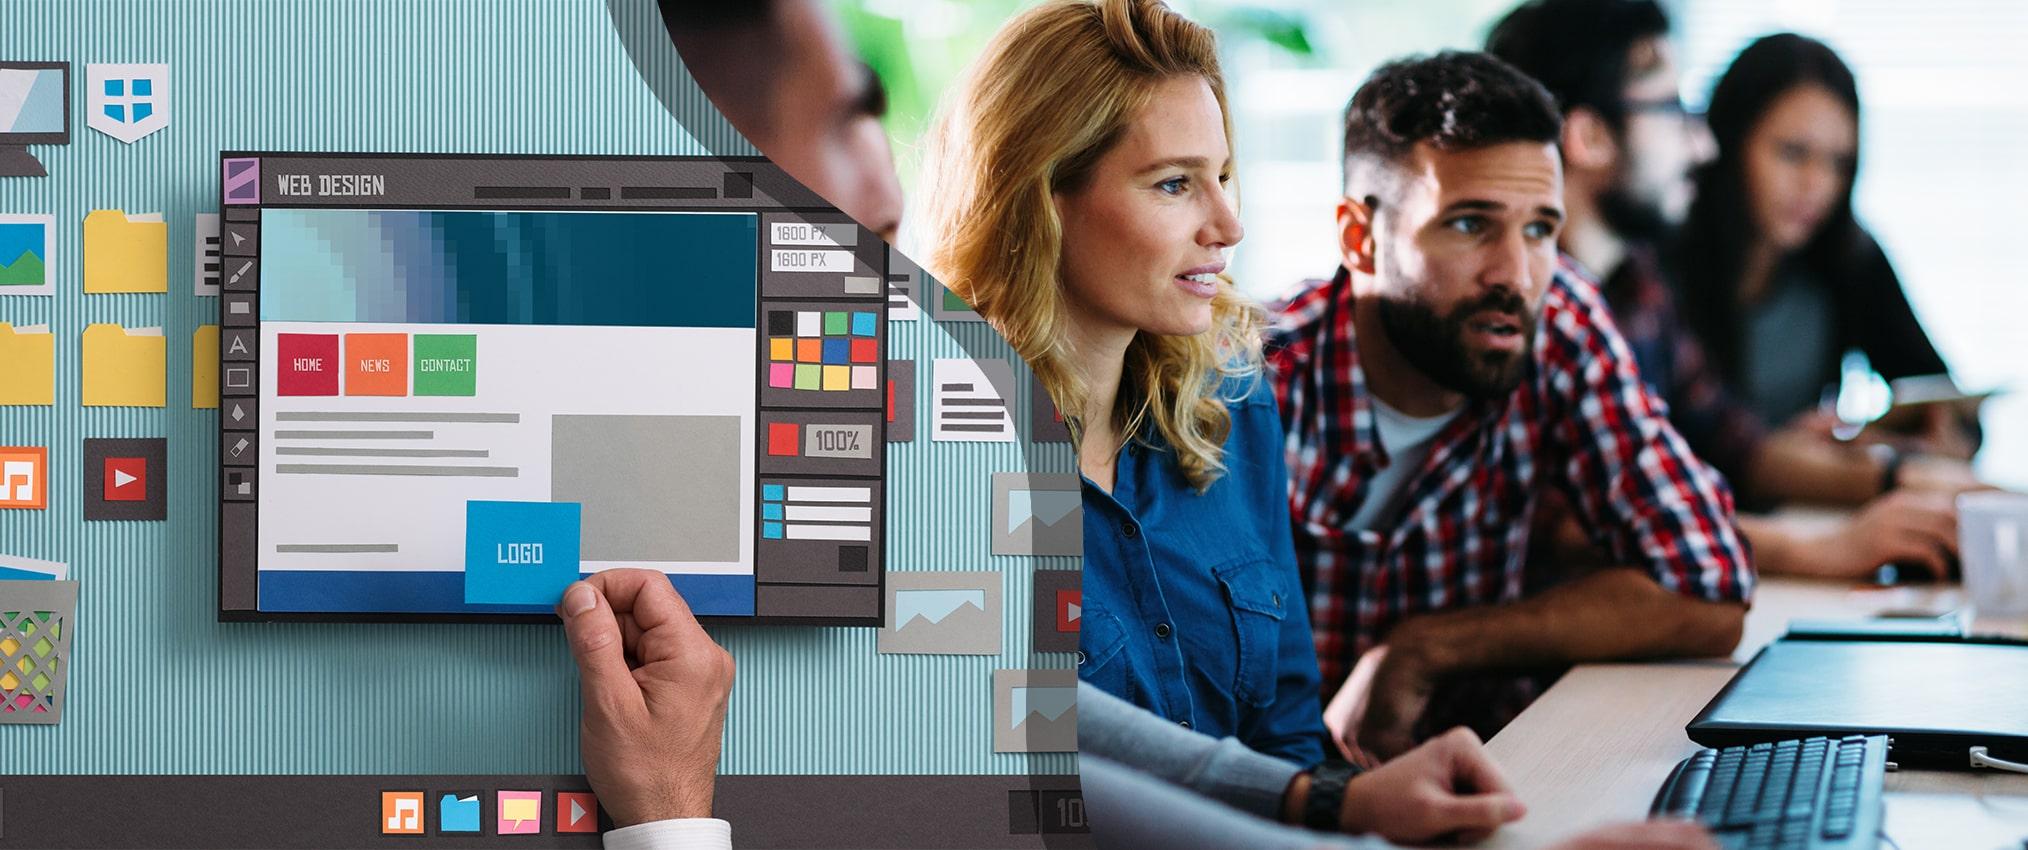 Website Development trends in 2021